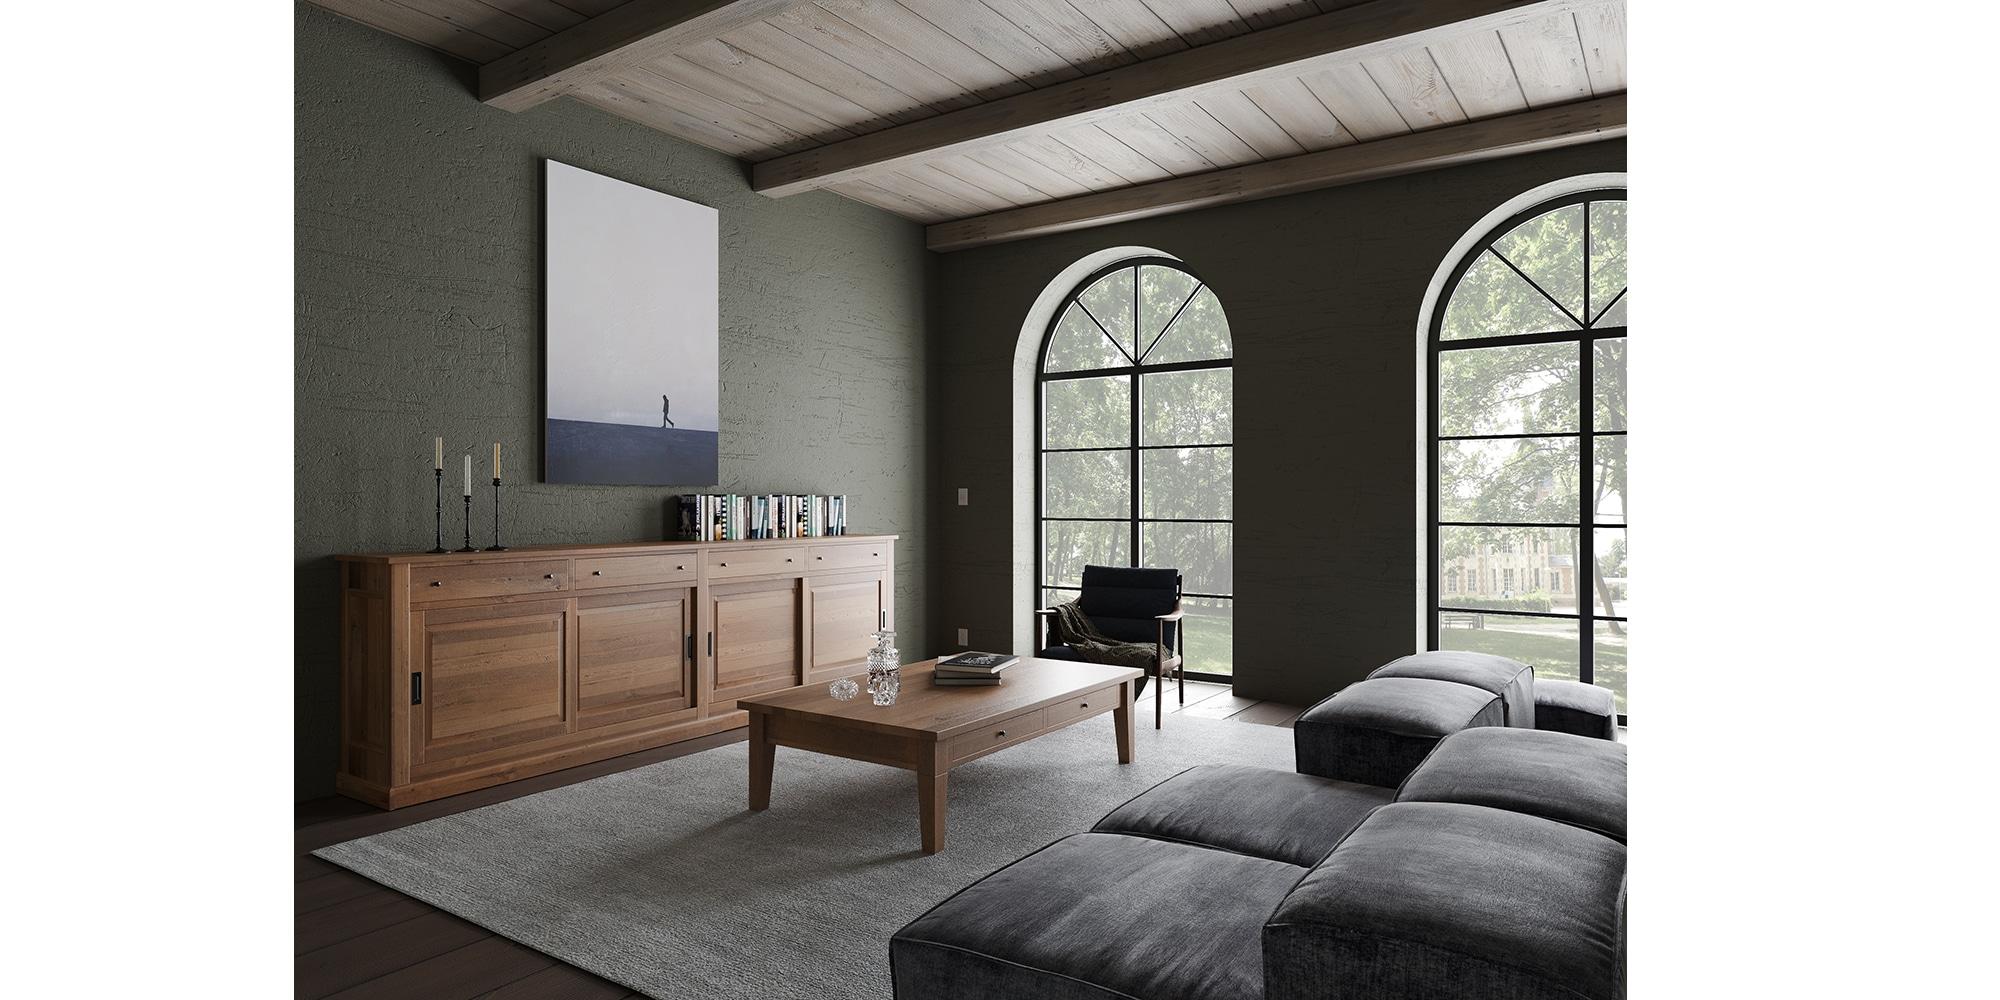 Dresser chêne massif de style cottage sur mesure